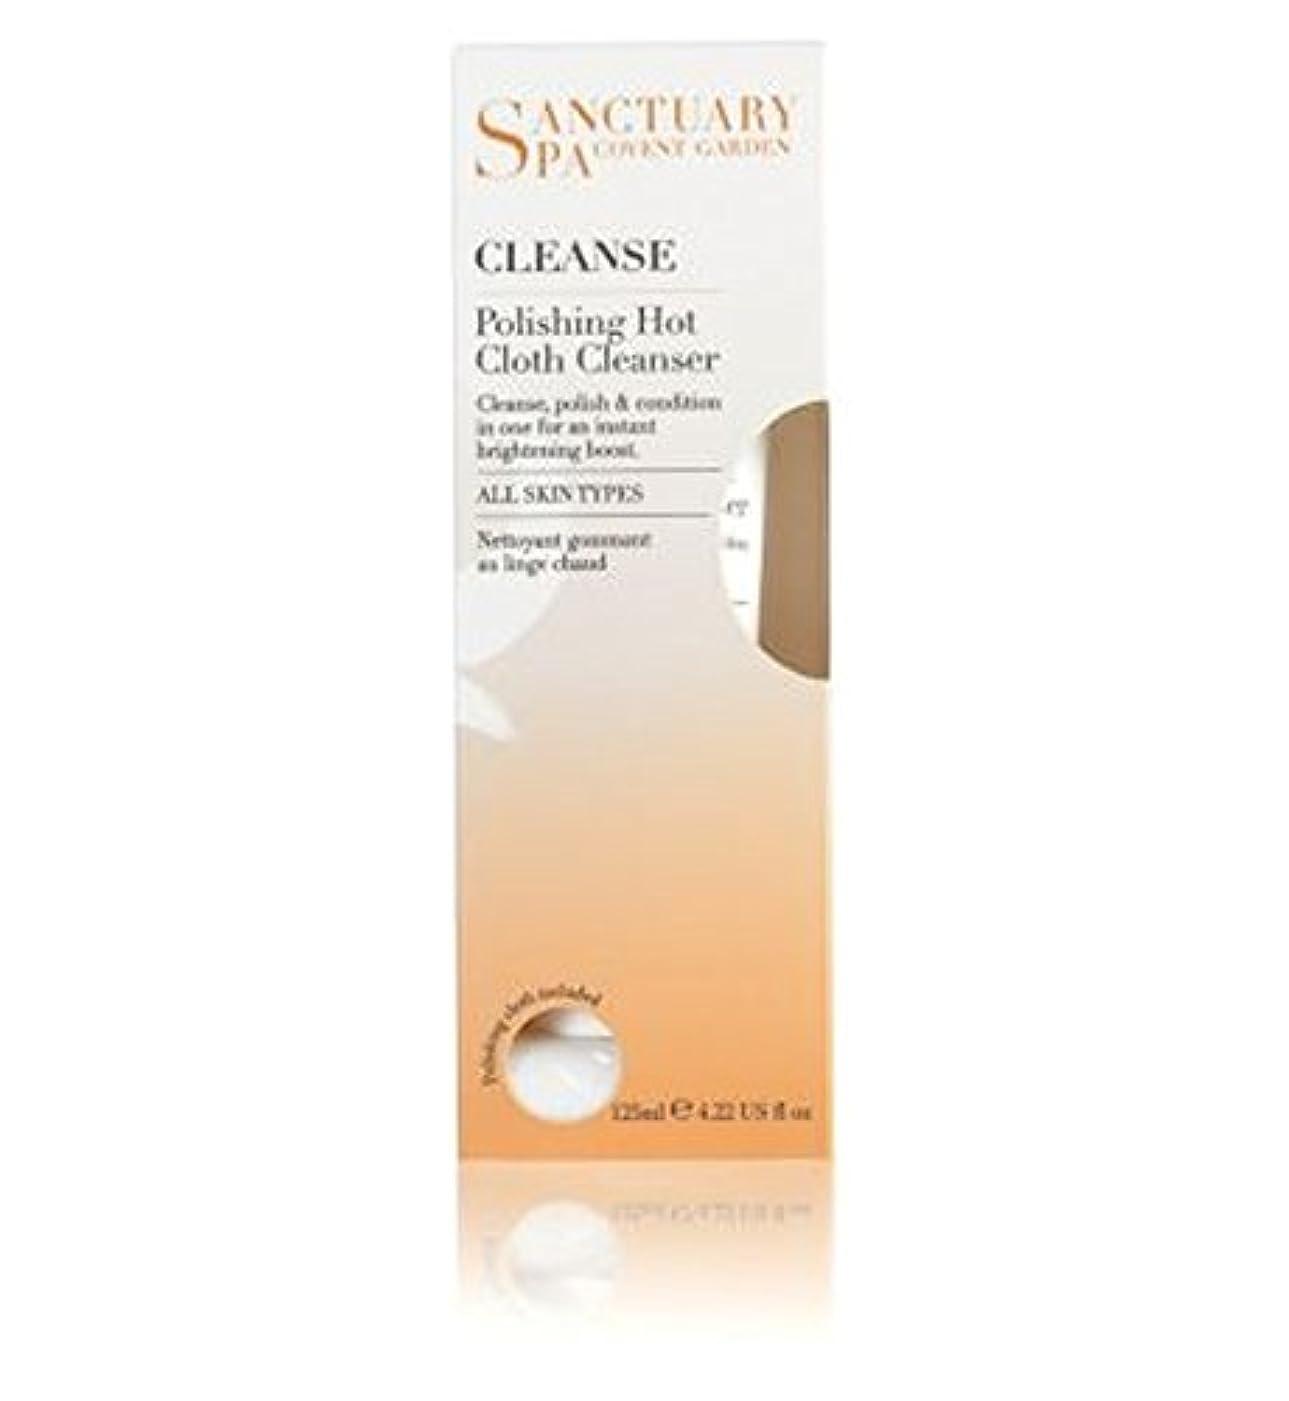 チェスガチョウ拒絶Sanctuary Spa Polishing Hot Cloth Cleanser - 聖域スパ研磨ホット布クレンザー (Sanctuary) [並行輸入品]